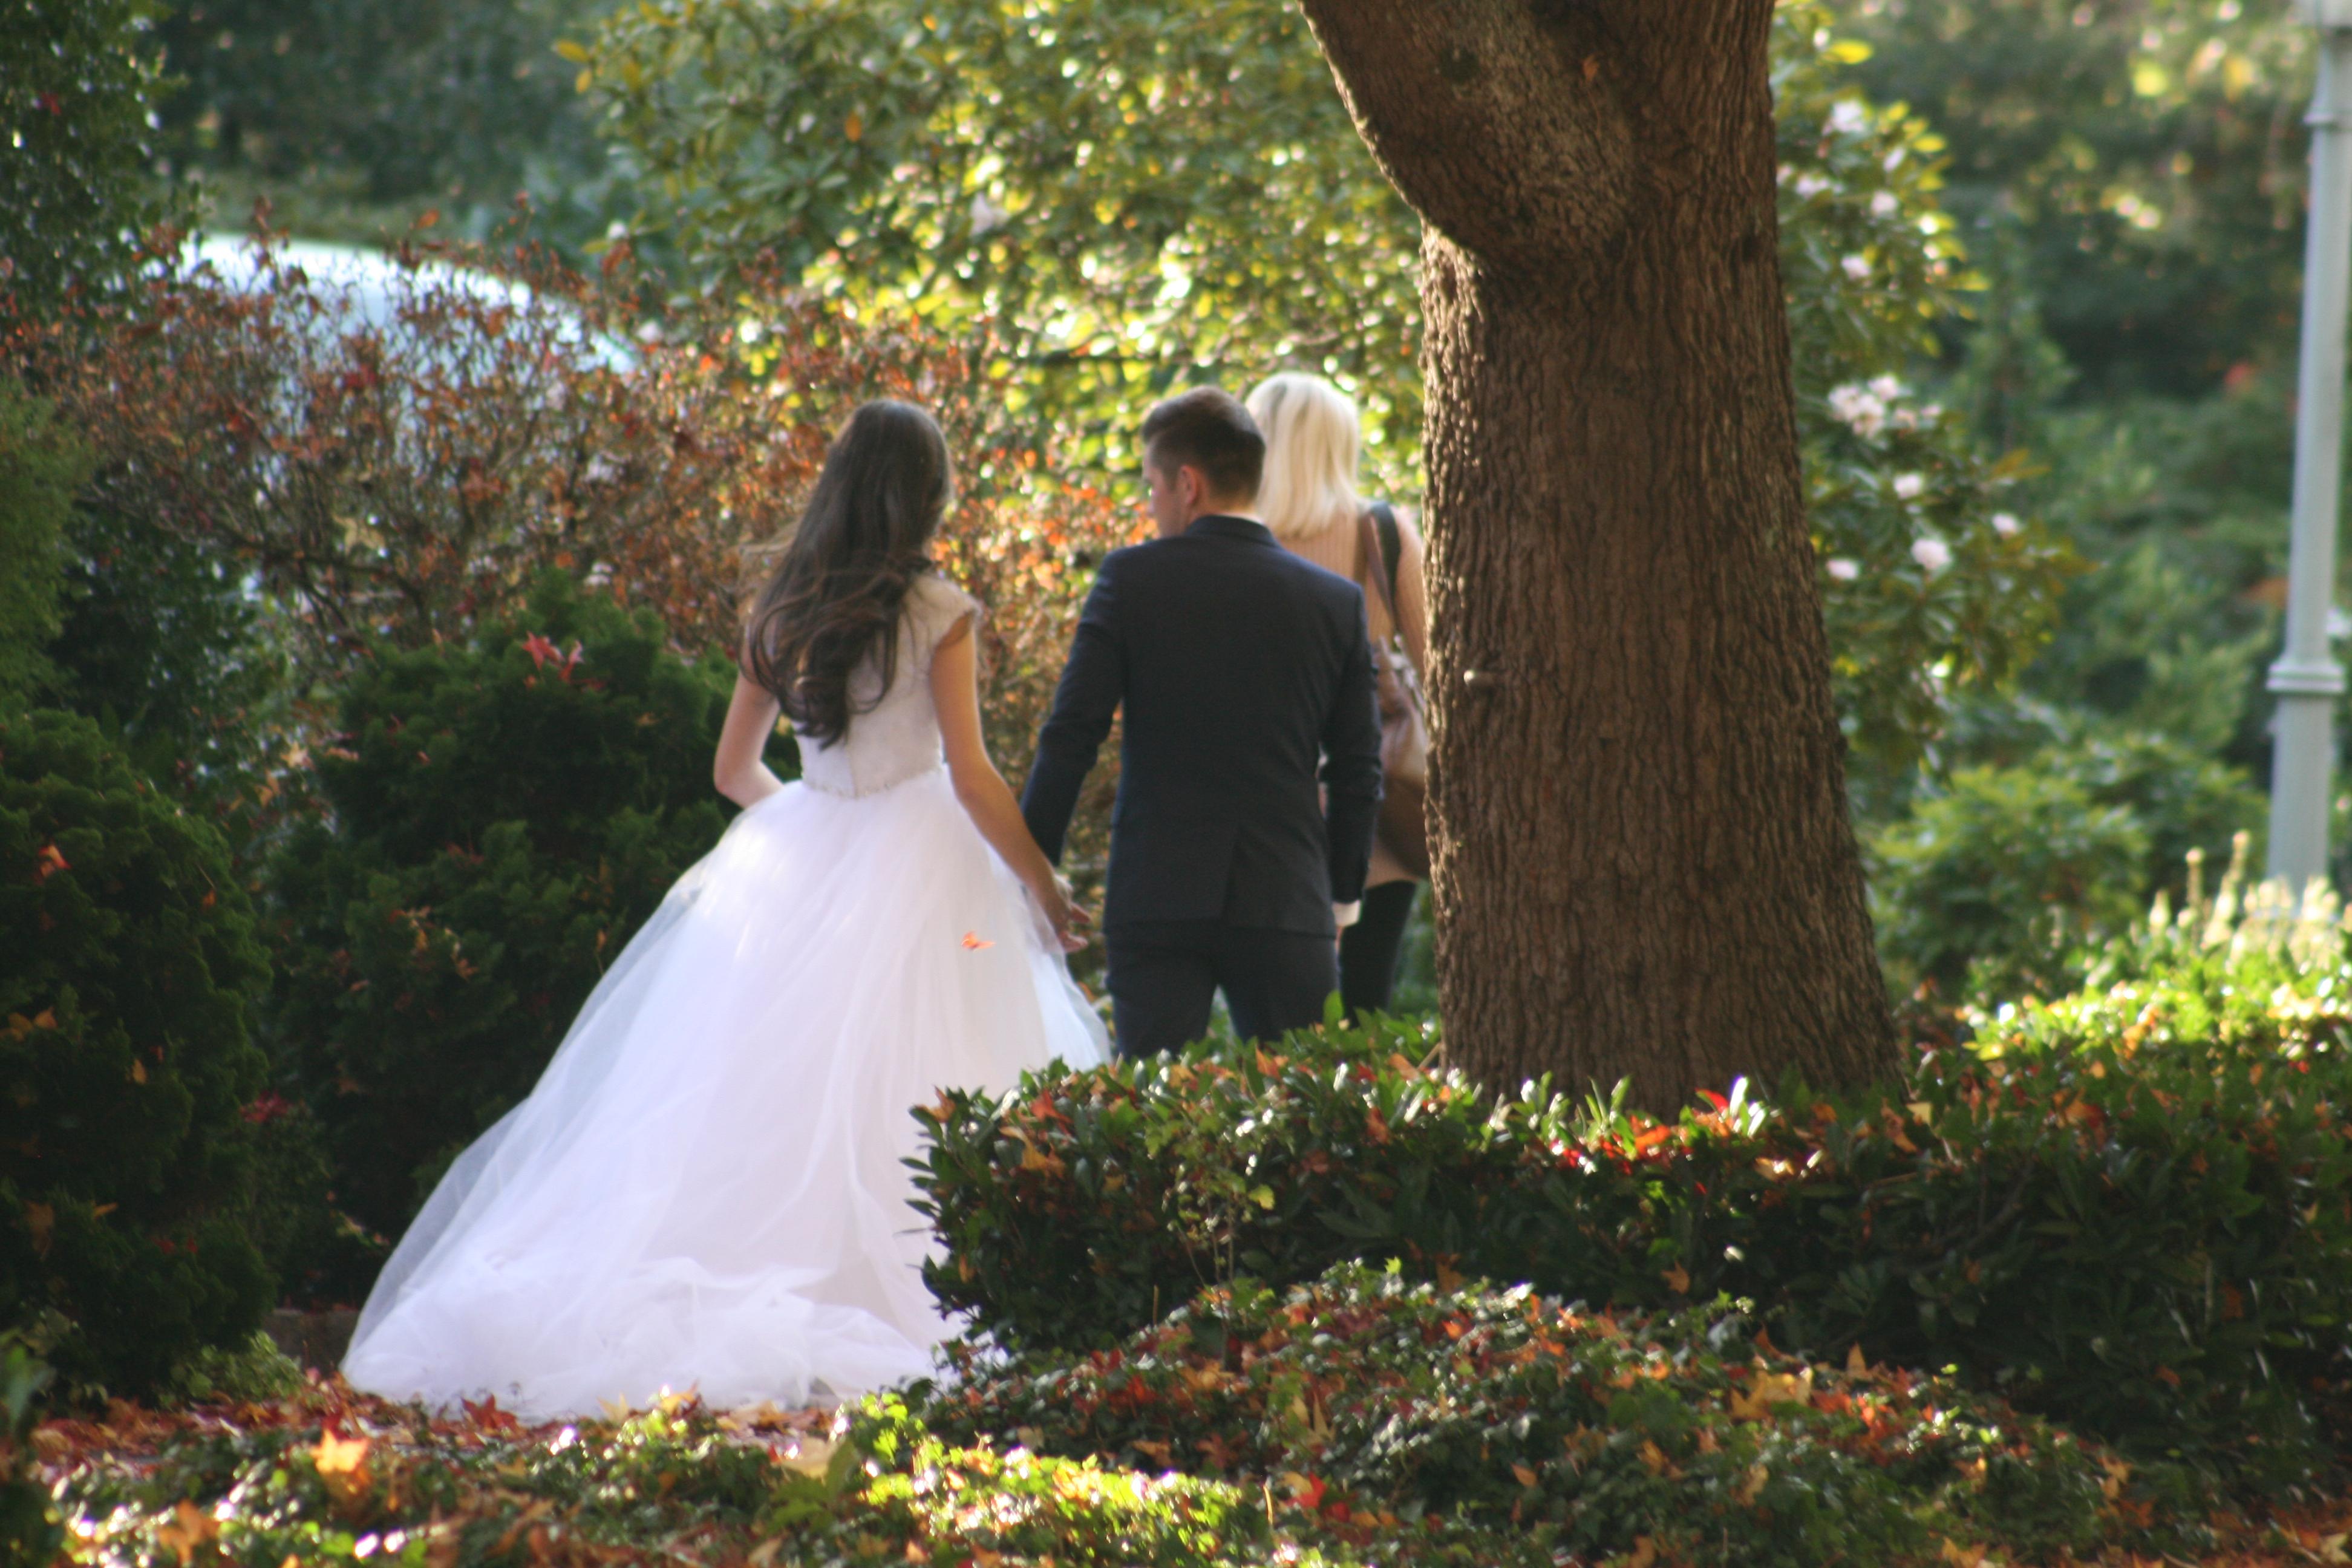 Fall Wedding 7799 CCopyright Shelagh Donnelly